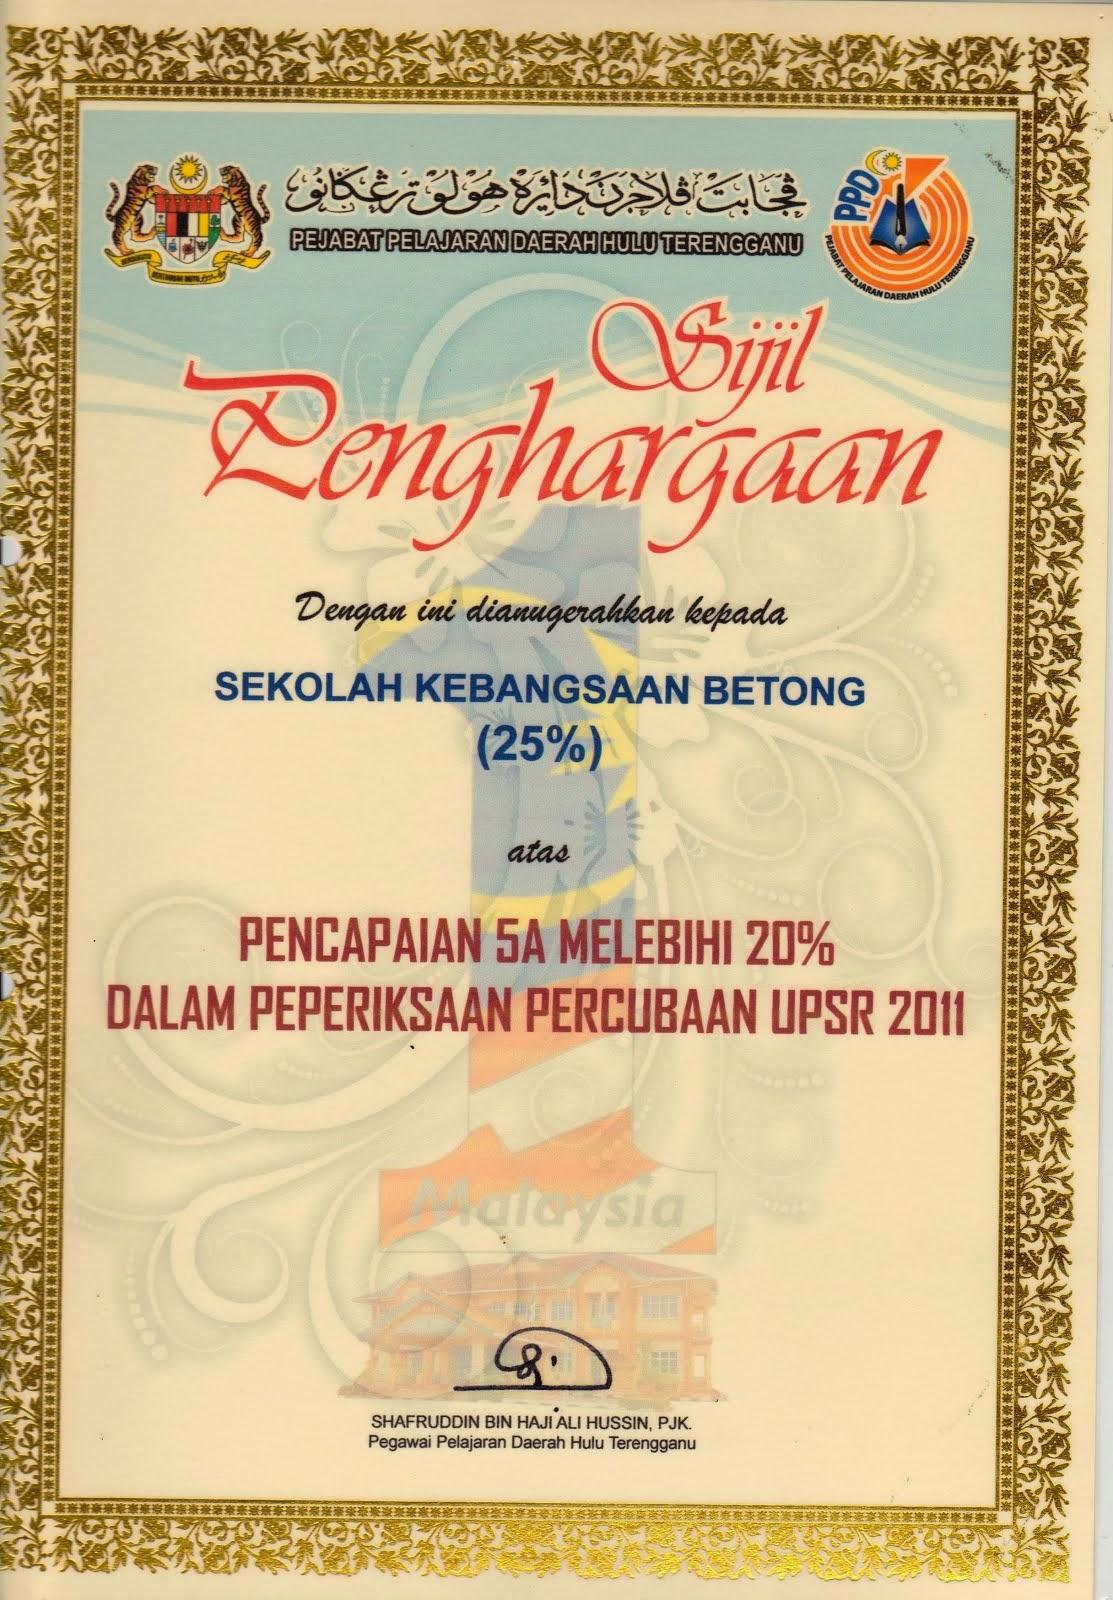 PERCUBAAN UPSR 2011 20% LULUS